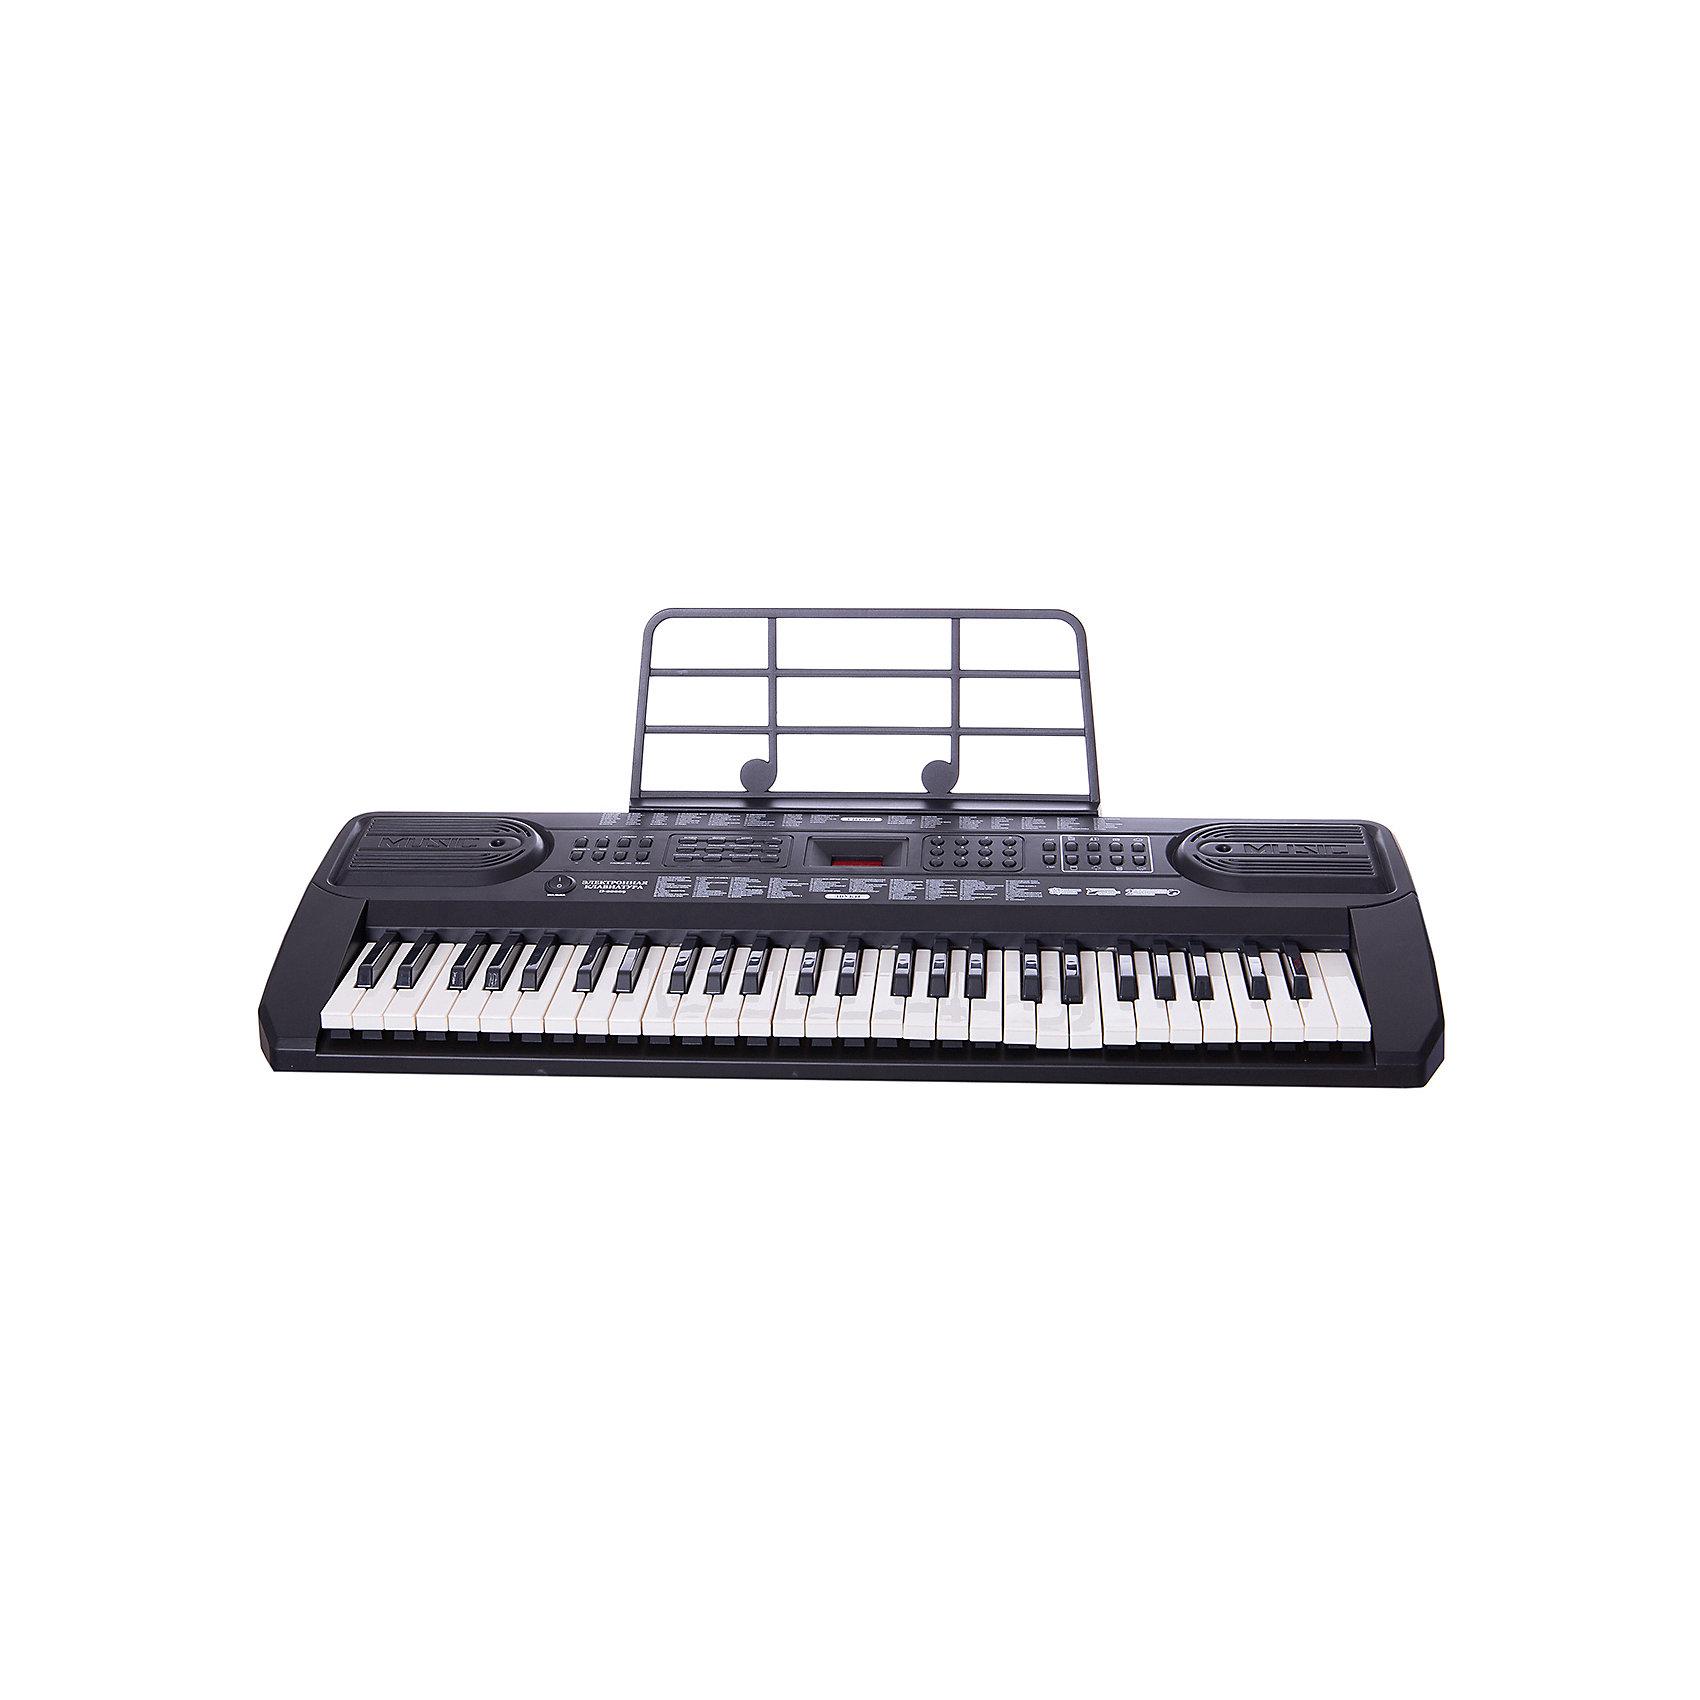 Синтезатор, 54 клавишиМузыкальные инструменты и игрушки<br>Синтезатор, 54 клавиши – функциональное детское пианино, имеющее 54 электронные клавиши! С помощью этого синтезатора малыш сможет научиться играть на синтезаторе, записать свои мелодии ли прослушать встроенные в память композиции. <br><br>Особенности:<br>-100 тембров/100 ритмов<br>-вибрато, сустейн<br>-4 вида ударных, 4 голоса животных<br>-автоматические басы<br>-10 демо мелодий<br>-взятие аккорда одним или несколькими пальцами<br>-31 уровня темпа<br>-16 уровней громкости<br>-программирование ритма<br>-2 стерео динамика<br>-питание DC9V / AC220V<br>-54 клавиши с подсветкой<br>-микрофона нет<br>-2 обзорных режима<br><br>Комплектация: синтезатор, адаптер 220V, инструкция<br><br>Дополнительная информация:<br>-Сетевой адаптер 220 вольт (входит в комплект) или батарея типа Крона 9 V (в комплект не входит)<br>-Материалы: пластик<br>-Размеры: 78х30х7 см<br>-Микрофон в комплект не входит<br><br>С помощью этого синтезатора ребенок сможет развить свои музыкальные способности и порадовать друзей и близких великолепным концертом. Порадуйте его таким замечательным подарком!<br><br>Синтезатор, 54 клавиши можно купить в нашем магазине.<br><br>Ширина мм: 885<br>Глубина мм: 130<br>Высота мм: 340<br>Вес г: 5250<br>Возраст от месяцев: 36<br>Возраст до месяцев: 1188<br>Пол: Унисекс<br>Возраст: Детский<br>SKU: 3676466